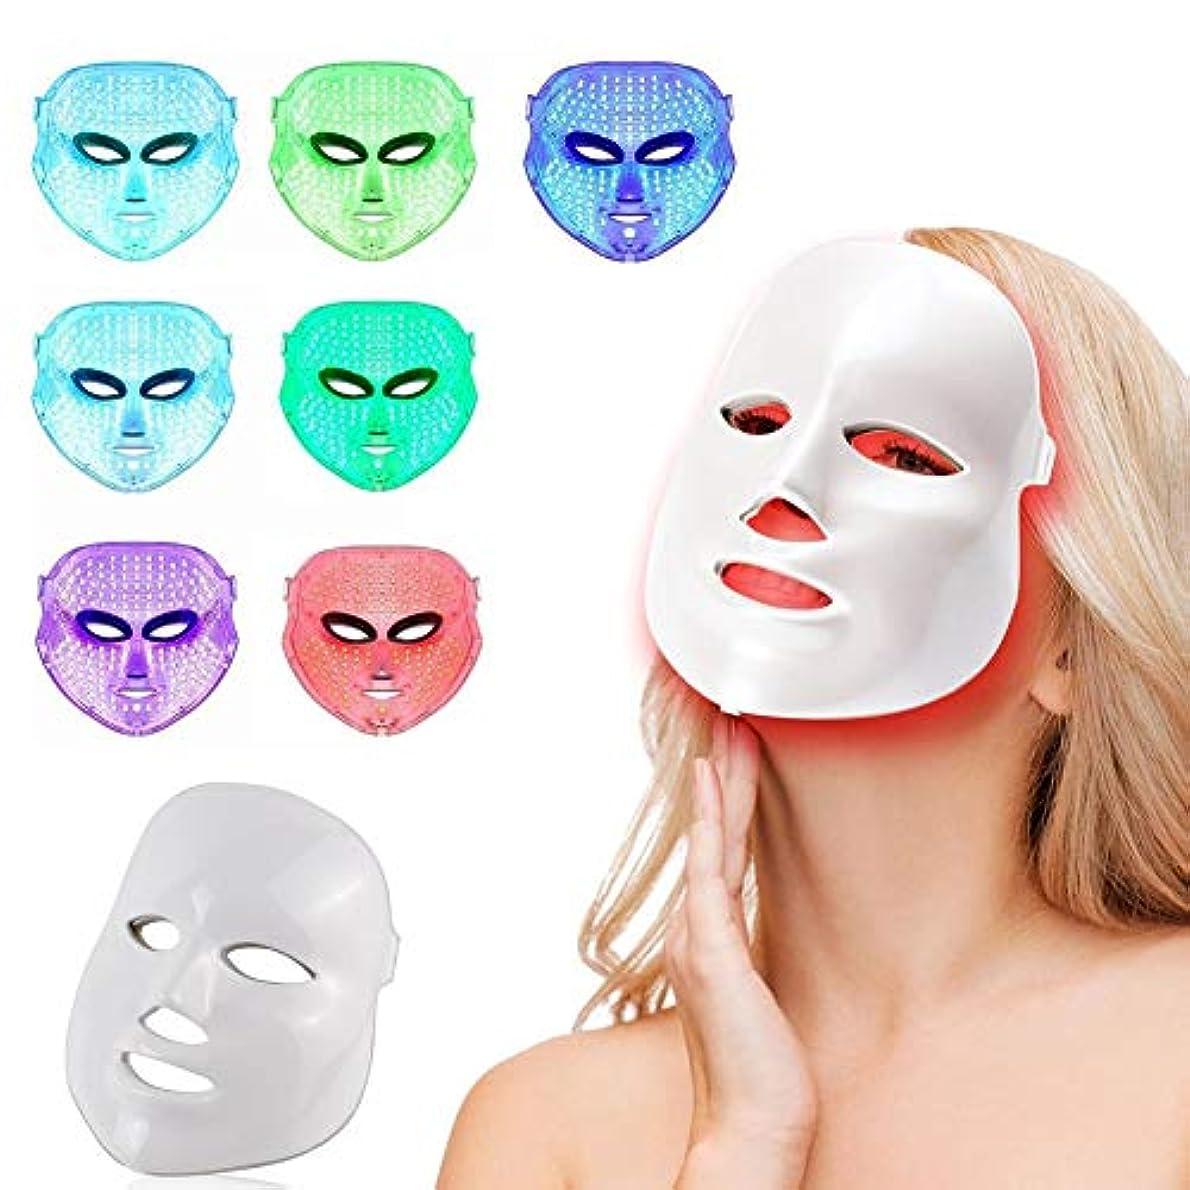 7色LEDフェイスマスク、健康な肌の若返りのための光子光療法、フェイシャルスキンケア、アンチエイジングビューティー